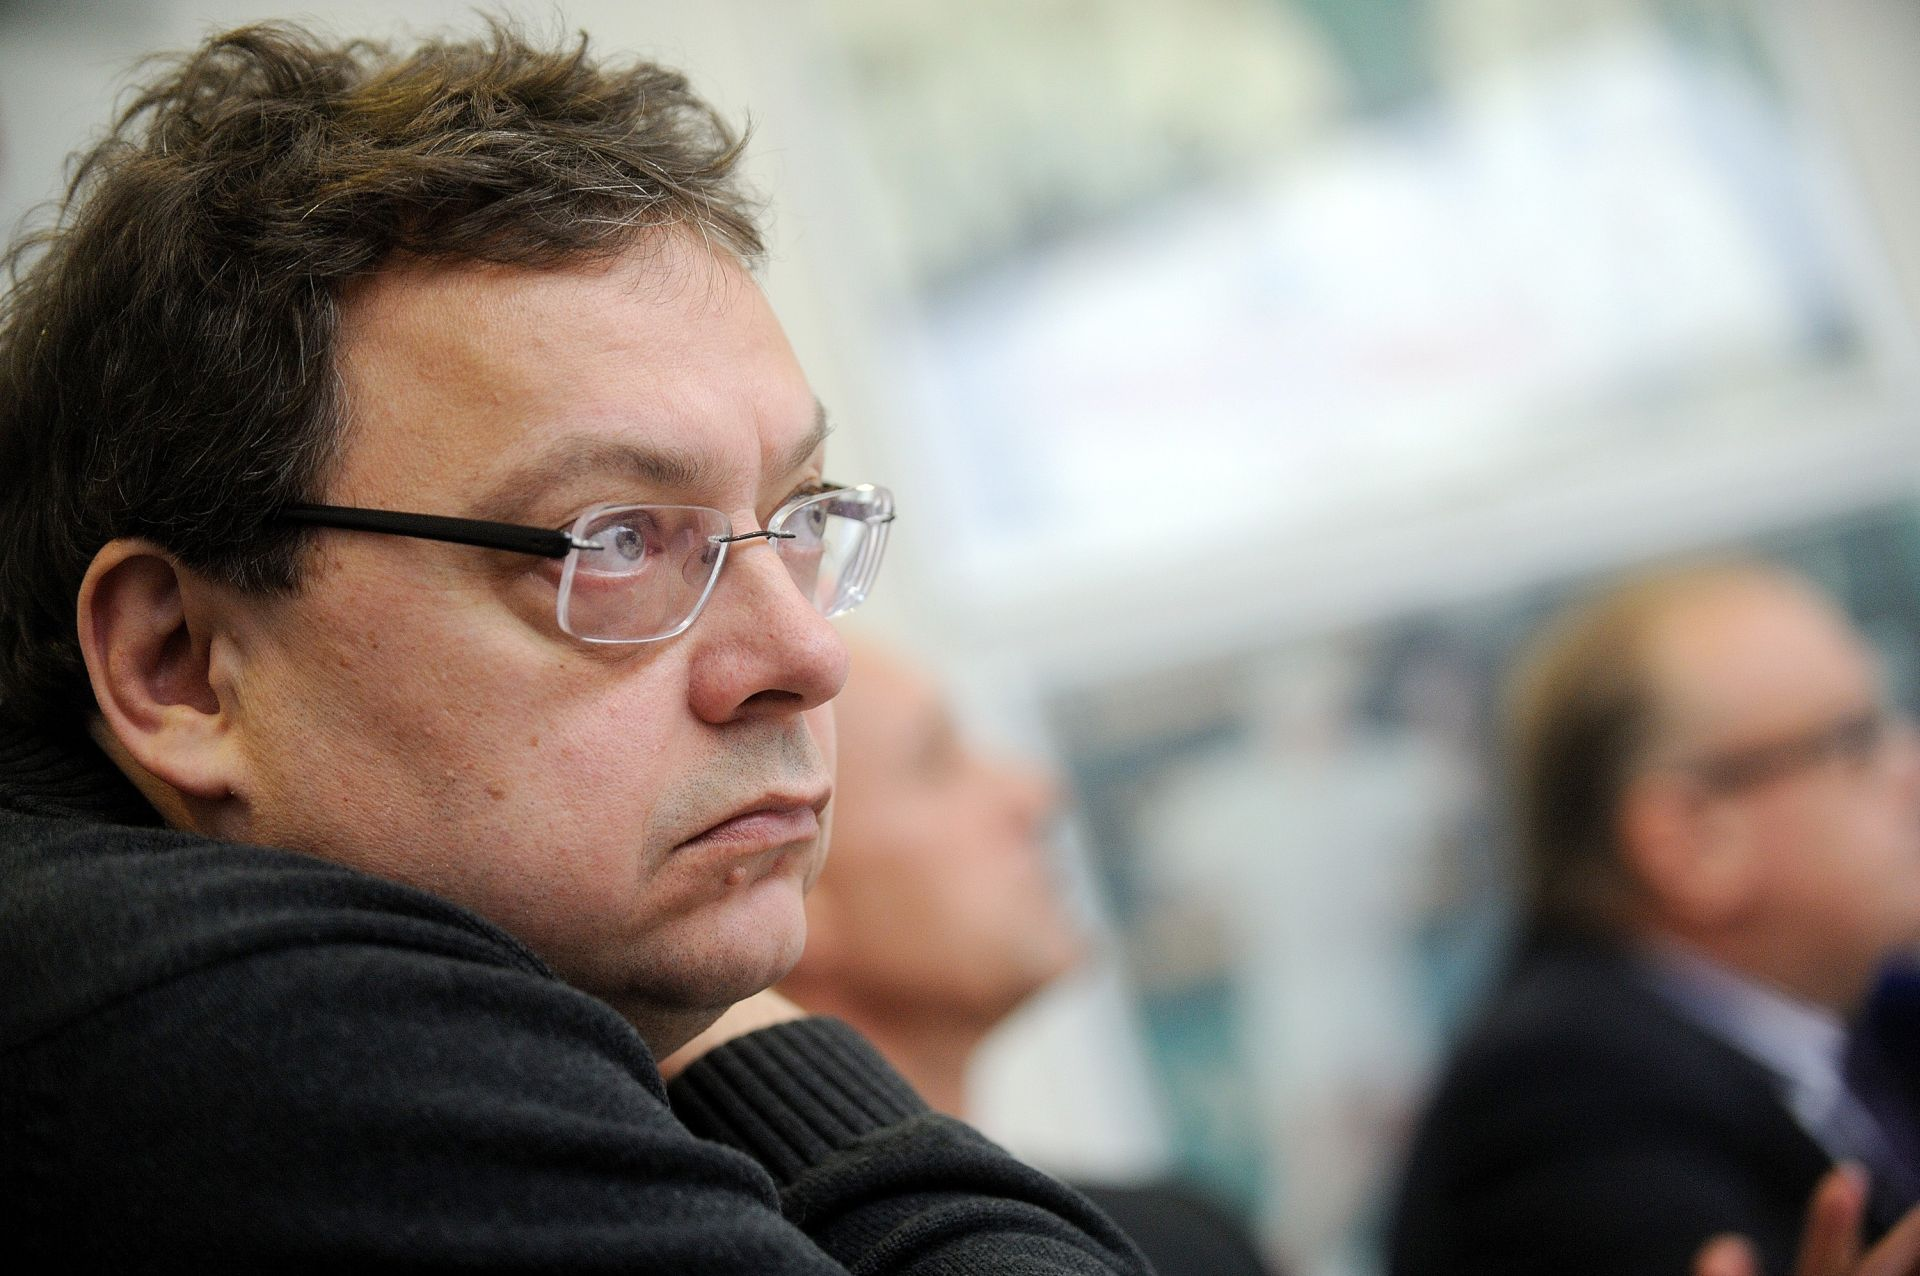 HRVATSKI ZBOR SPORTSKIH NOVINARA Protiv isključenja novinara, ali i protiv huškanja